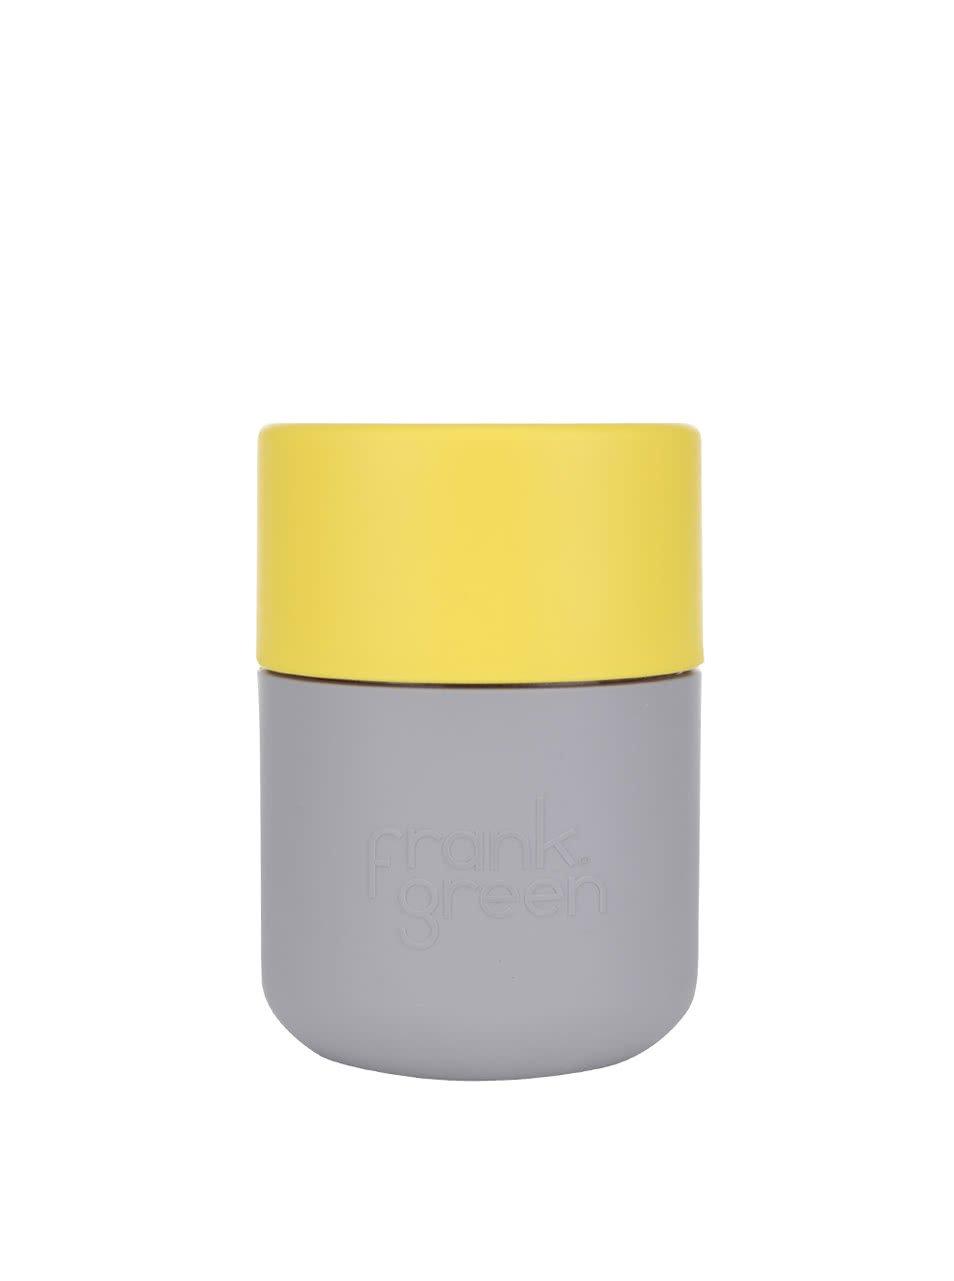 Šedý SmartCup s žlutým víčkem Frank Green 230 ml